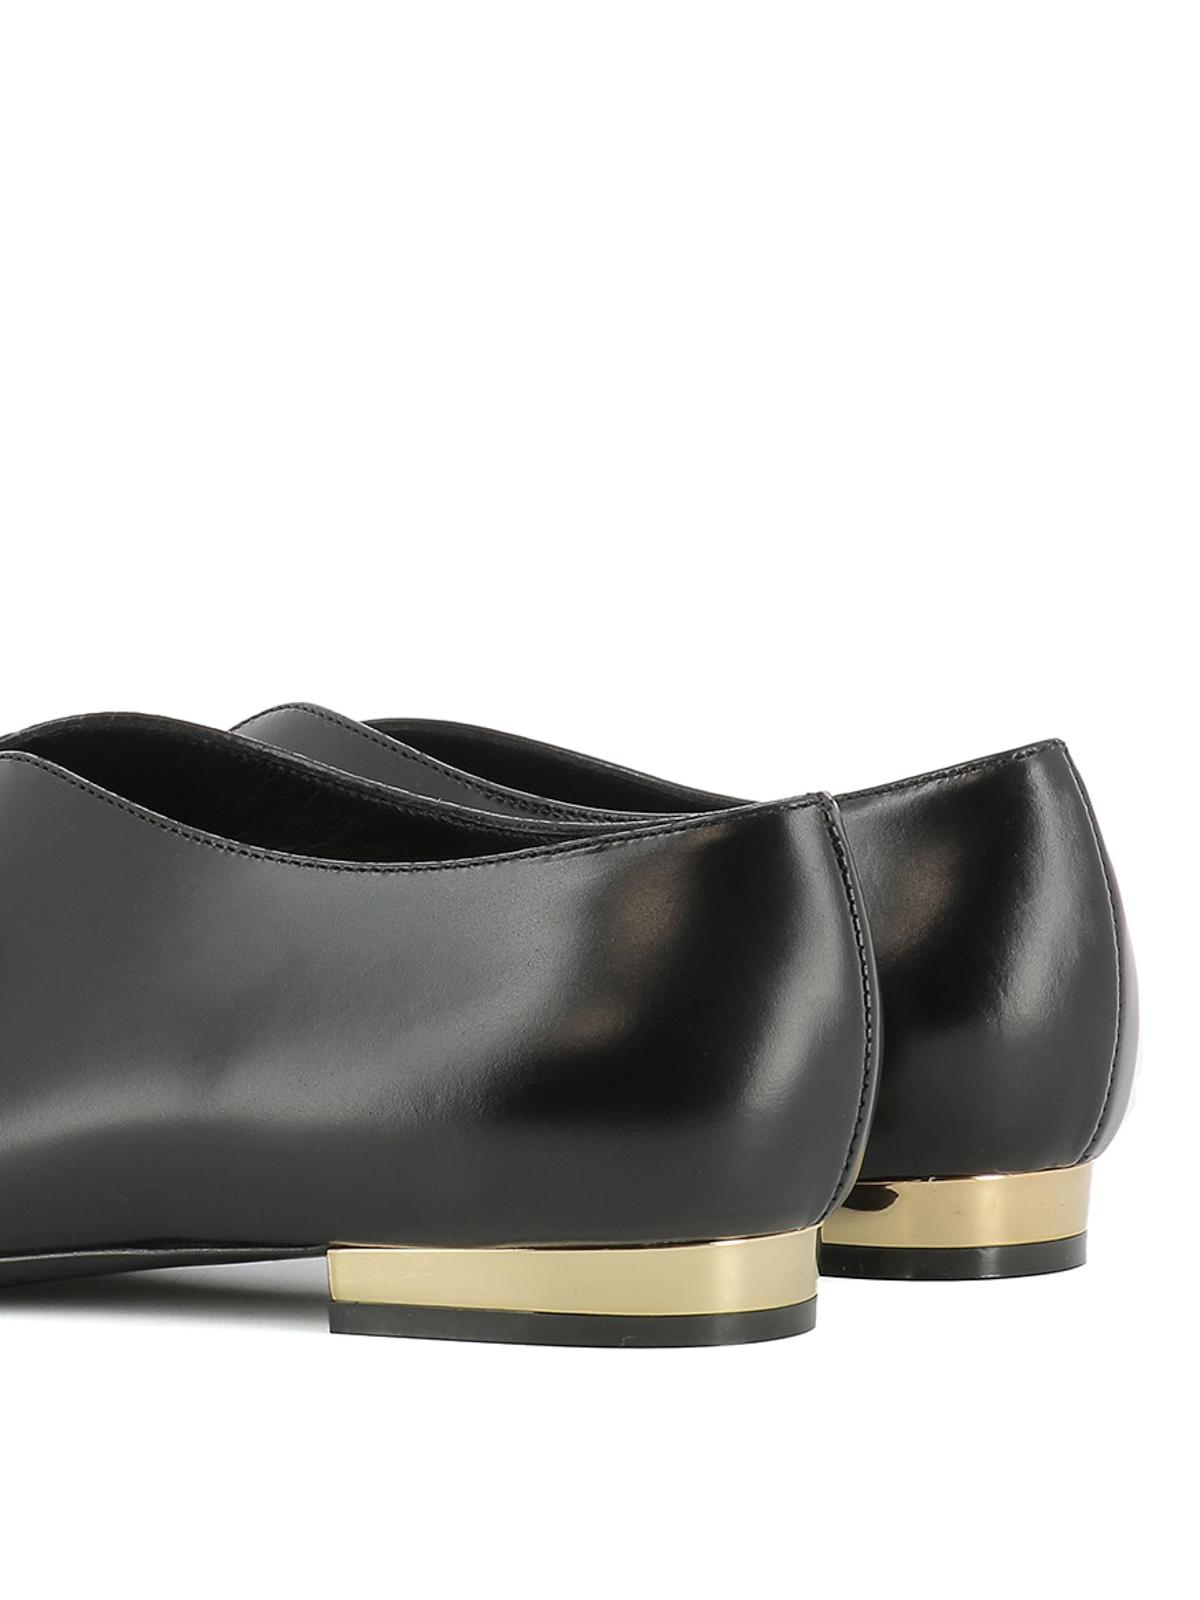 Coliac Shoes Shop Online